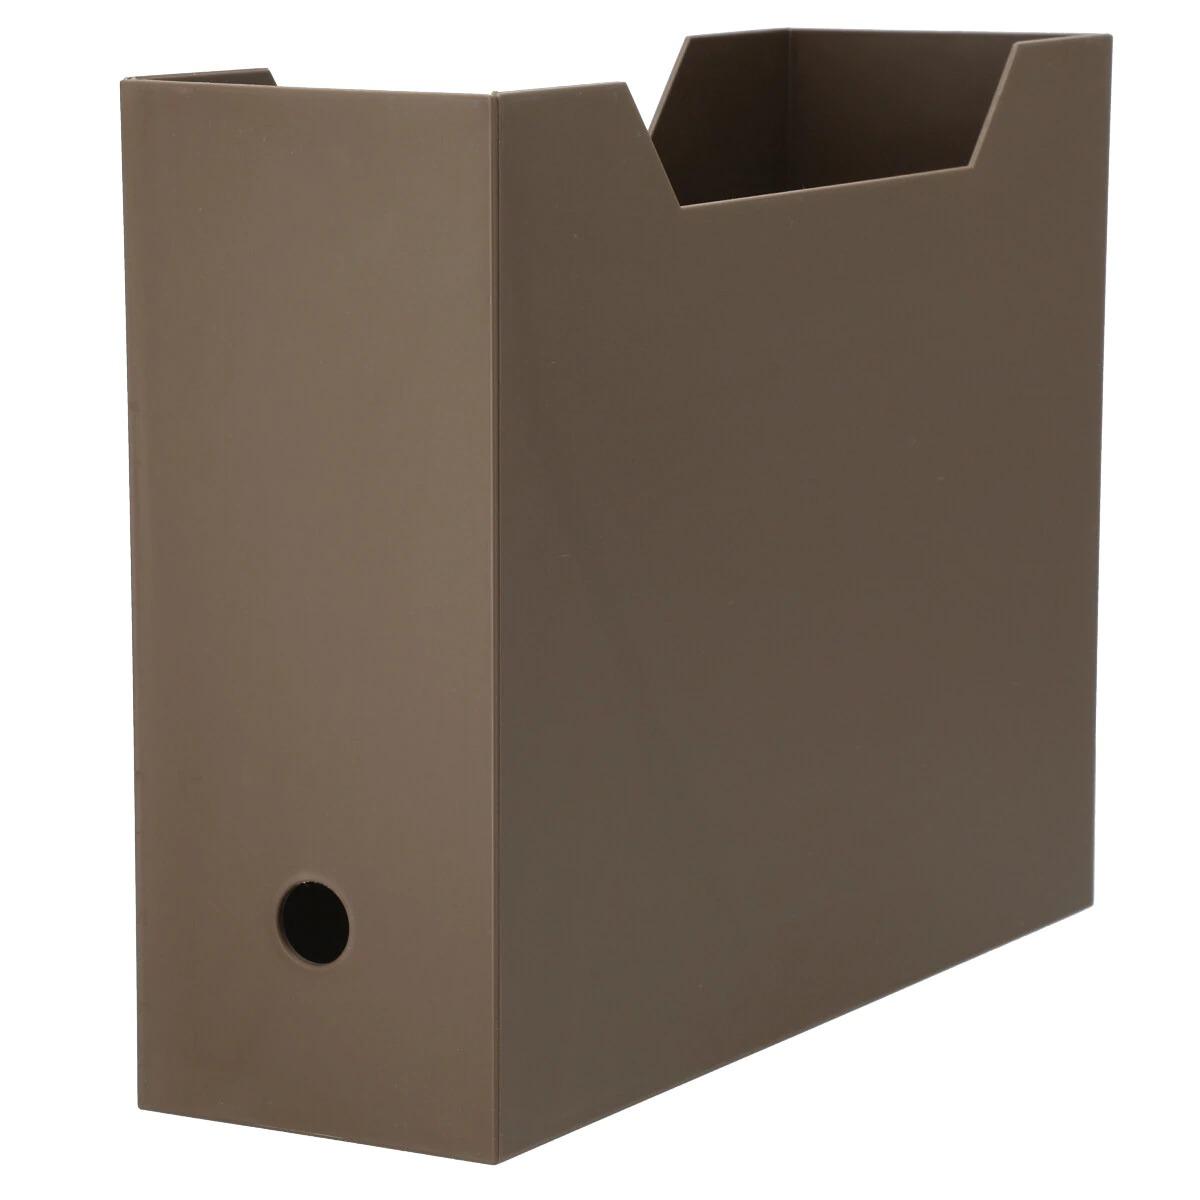 ニトリ「A4ファイルケース・オールブラウン」